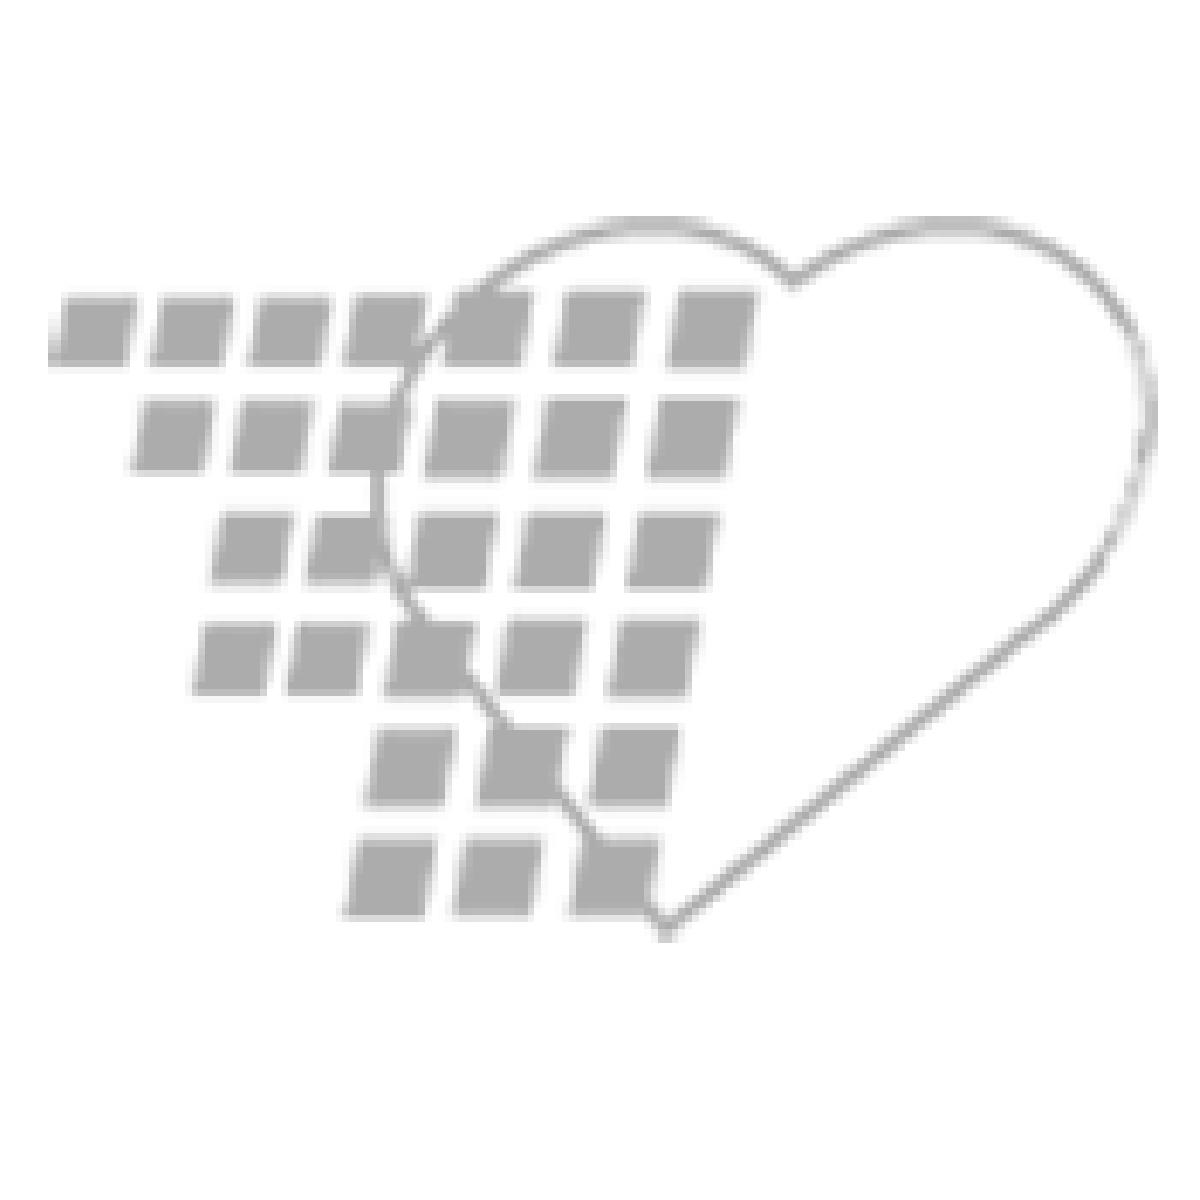 06-93-1330 Demo Dose® MLK of Magnesi (MOM) 473 mL 1200 mg/15 mL